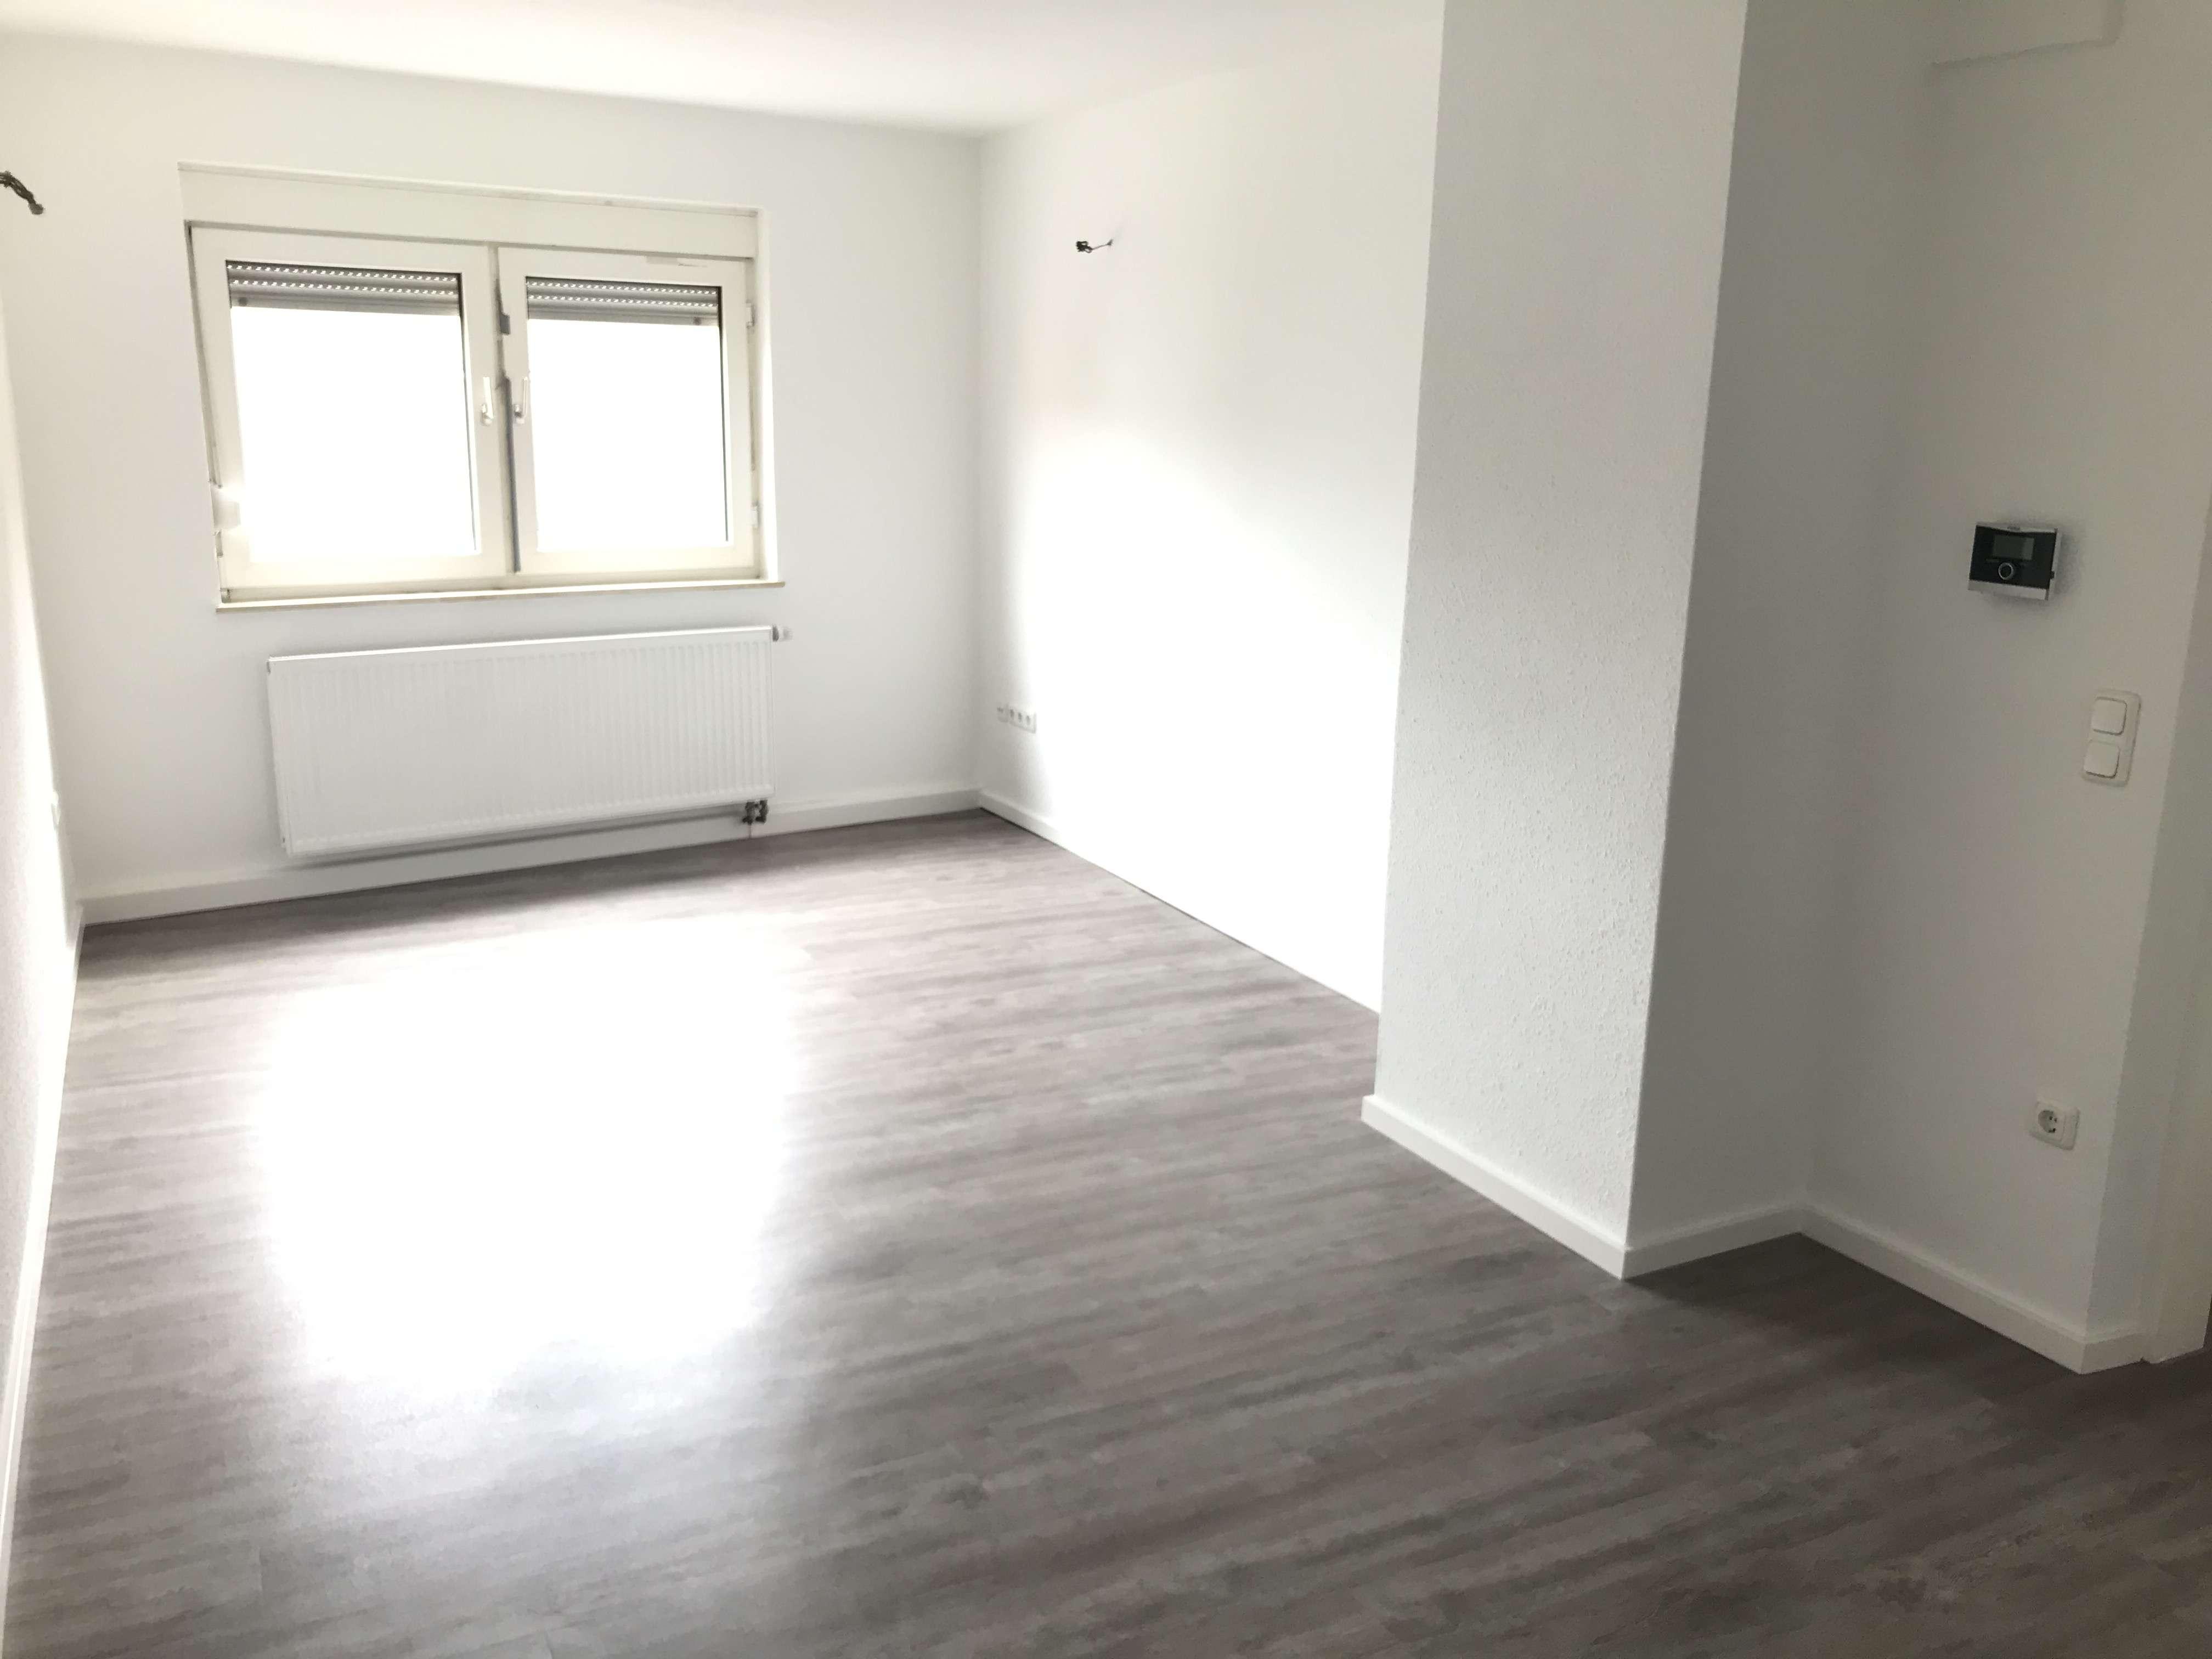 Allersberger Straße, helle 2-ZW, ca. 55 qm, EBK gegen Ablöse, Laminat, 4.OG ohne Aufzug in